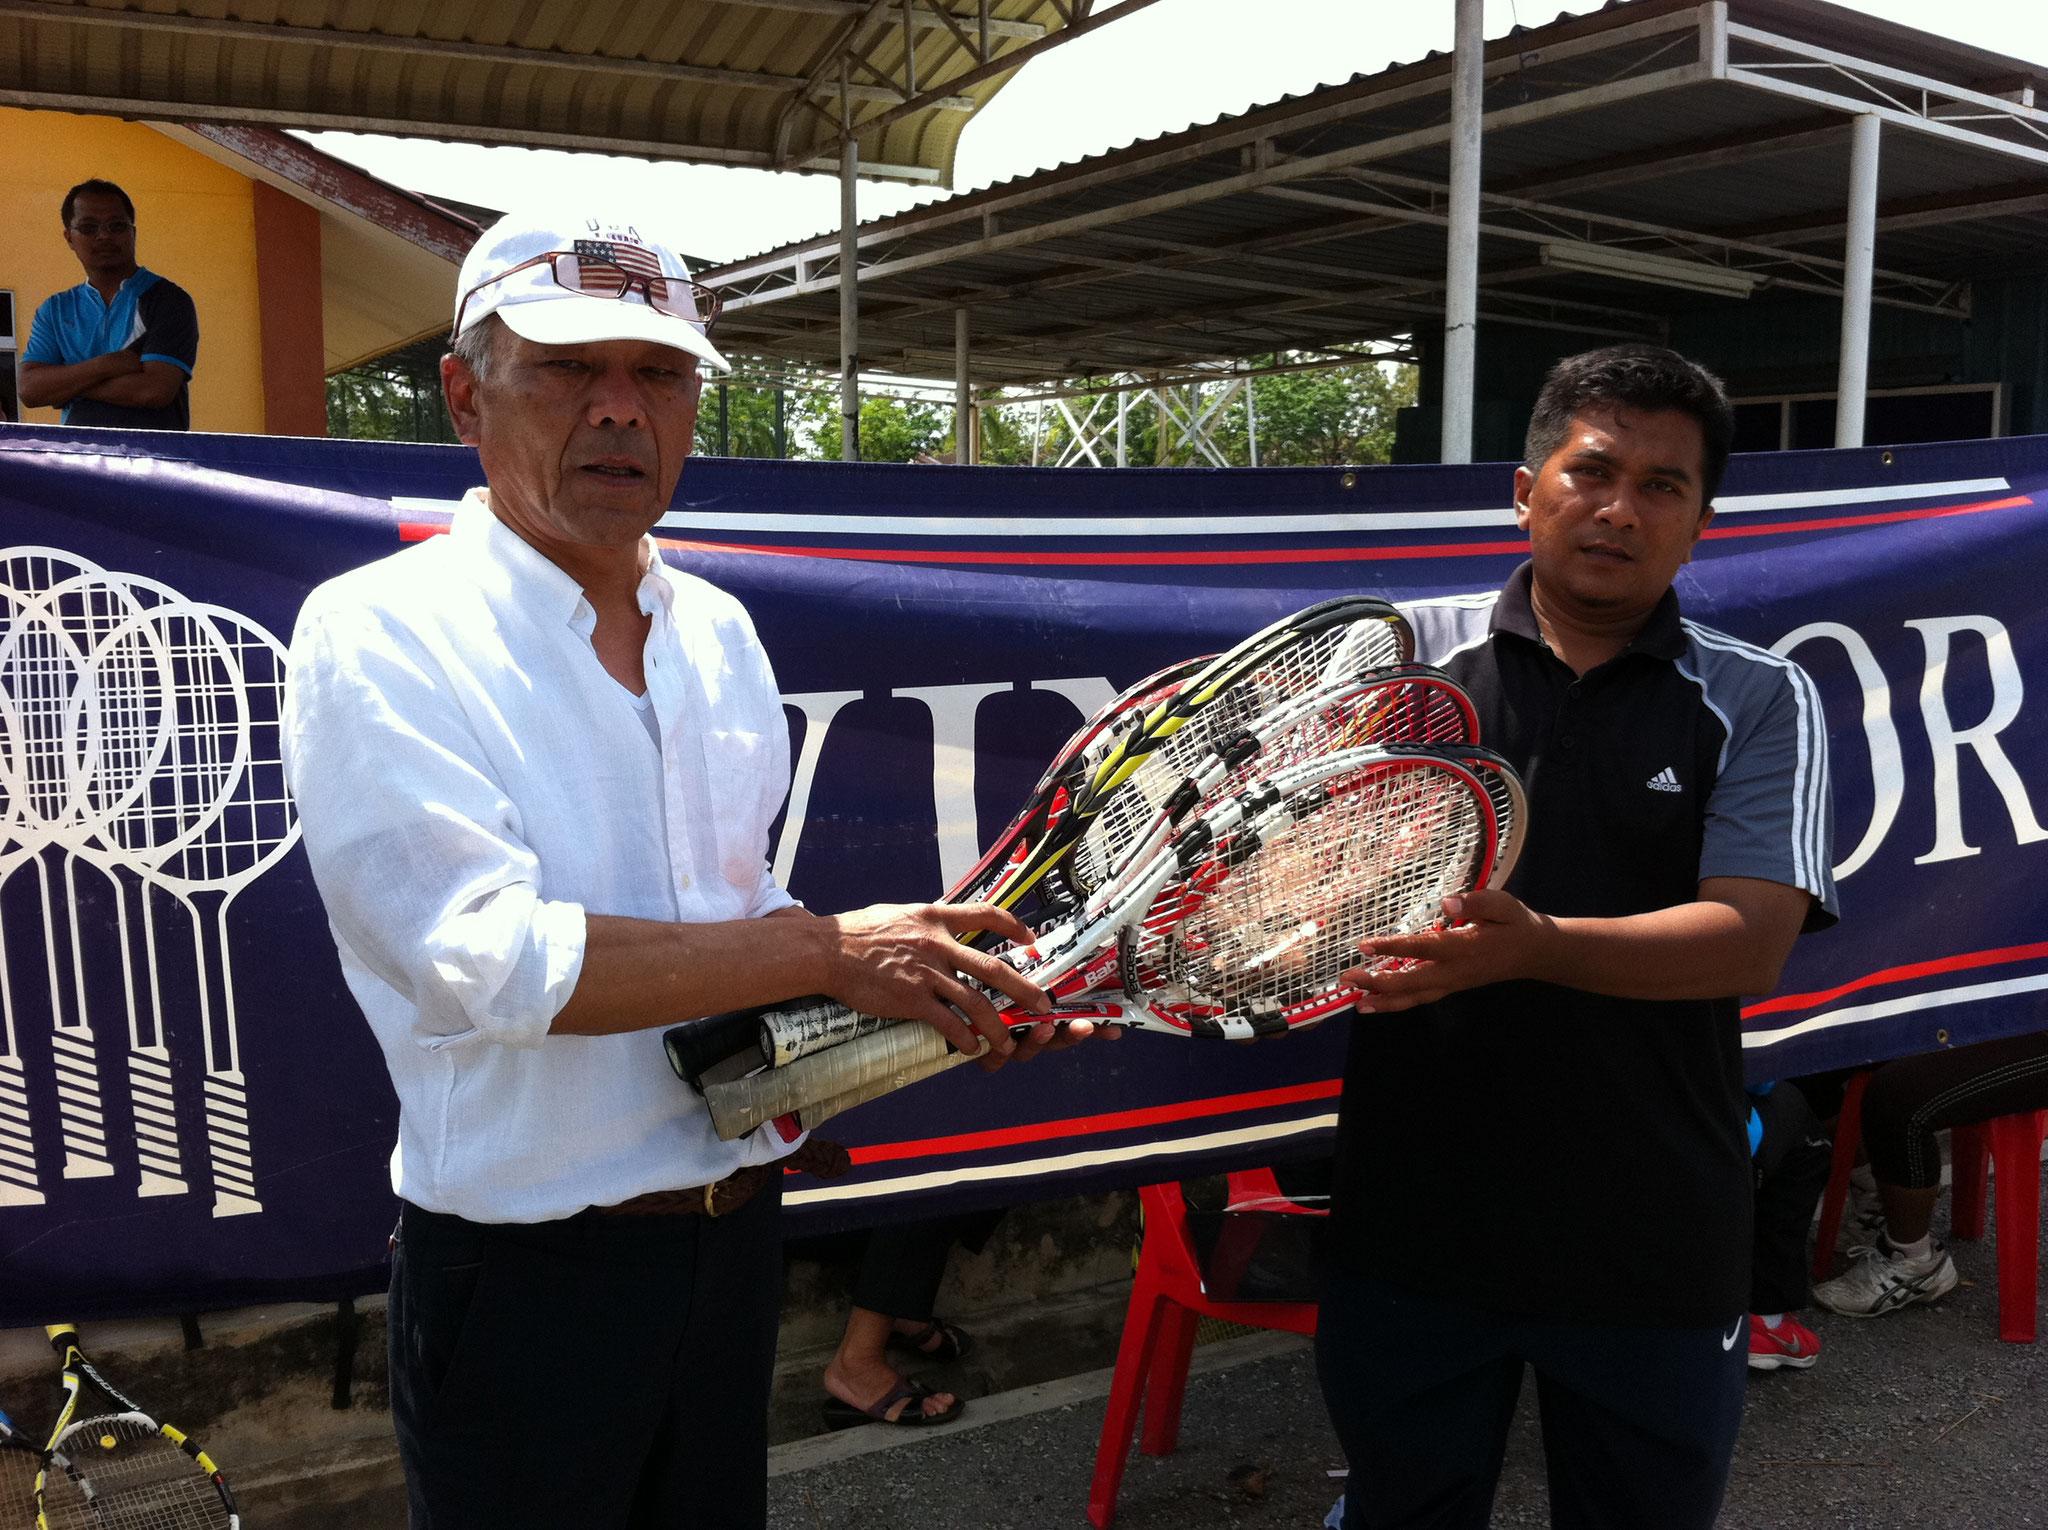 マレーシア、プルリス州テニス協会へラケット寄贈する飯泉部長